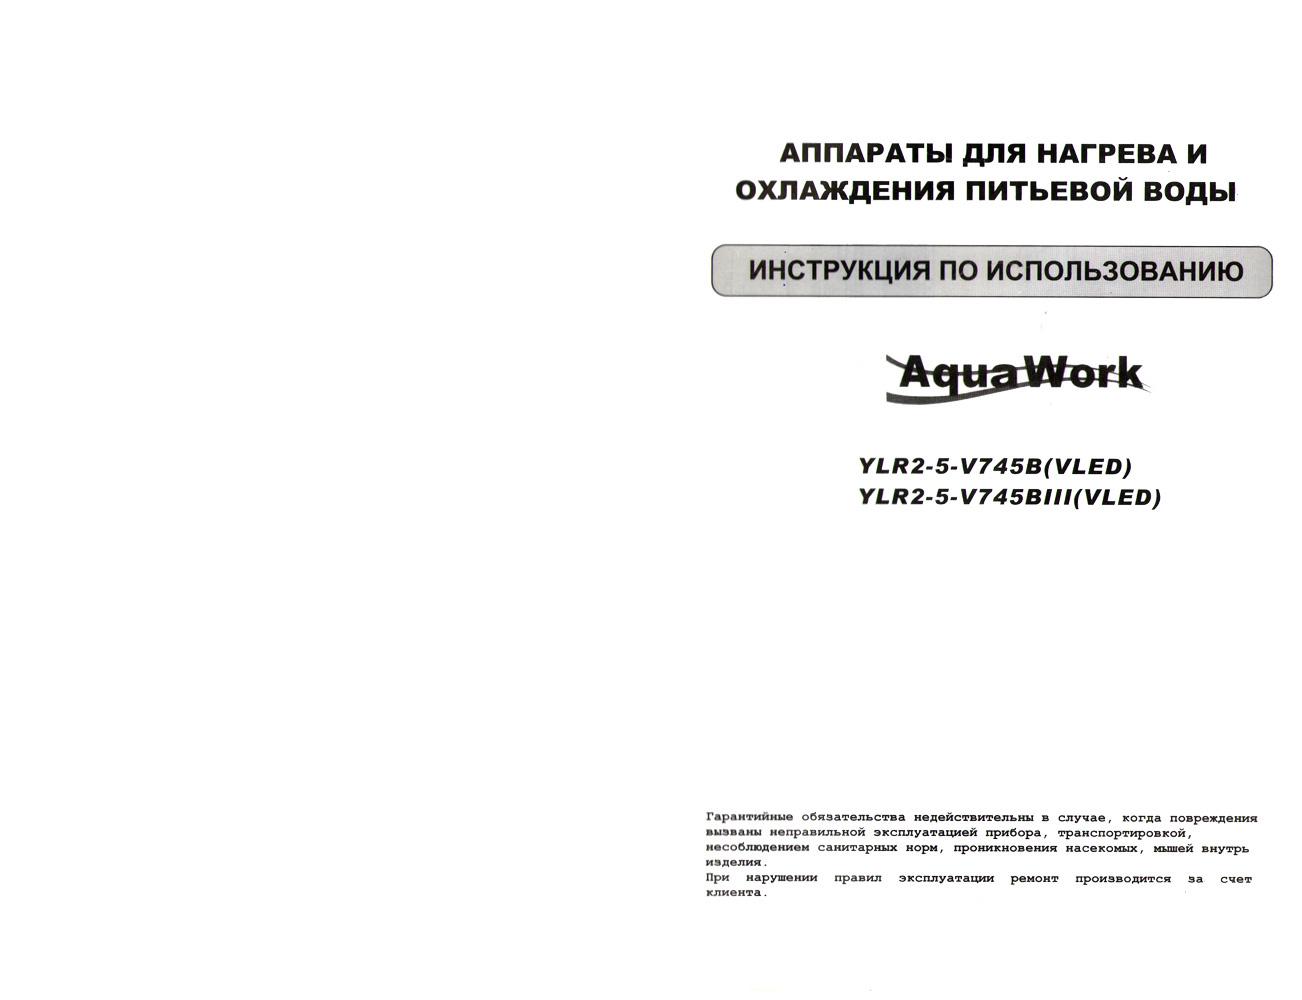 кулер Aqua Work V745B паспорт